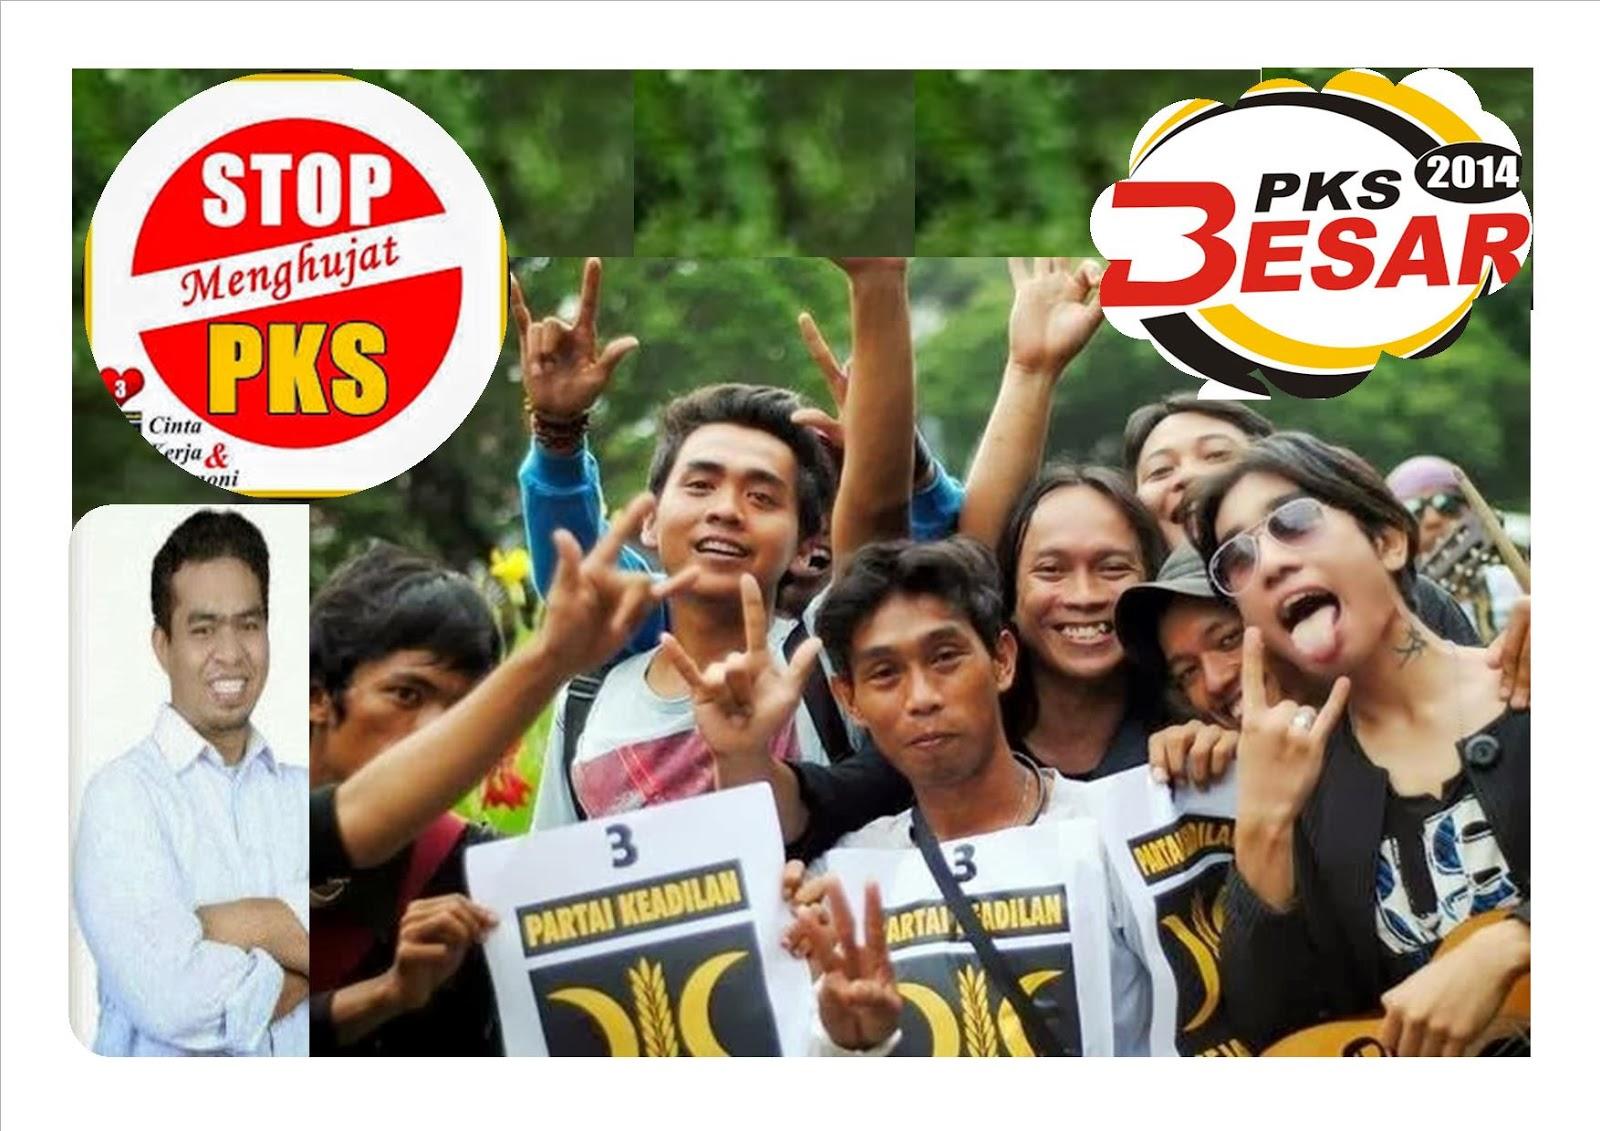 Keep PKS On Track Desember 2013